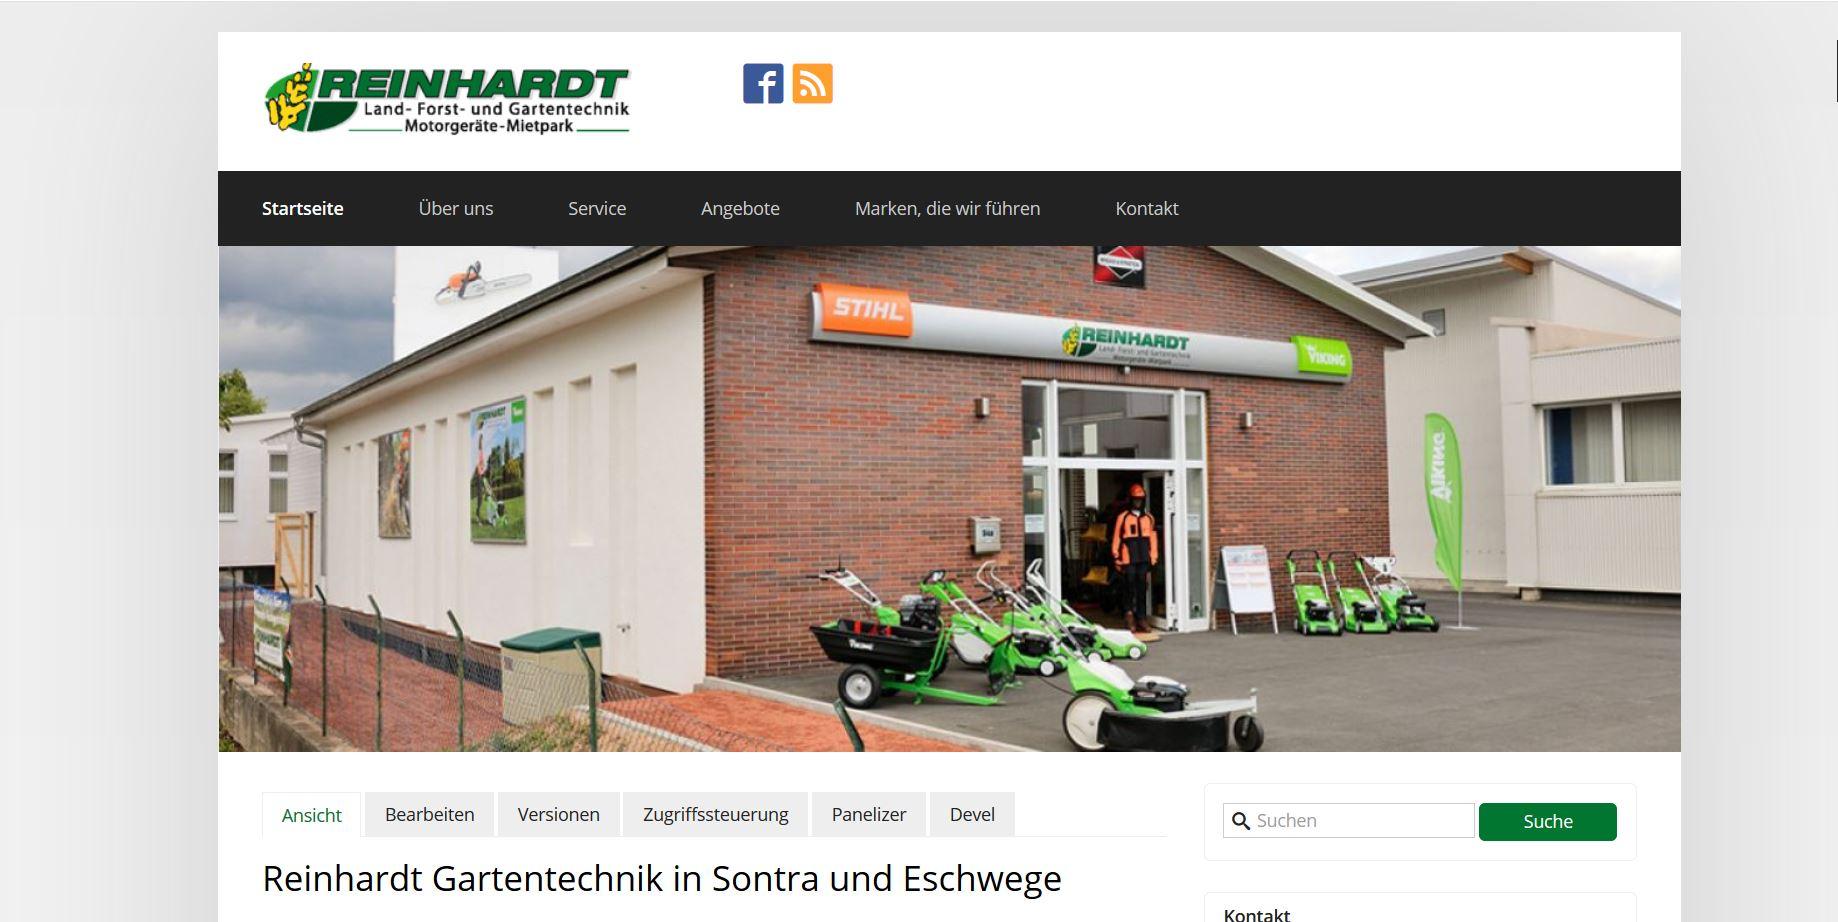 reinhardt-gartentechnik.de Homepage